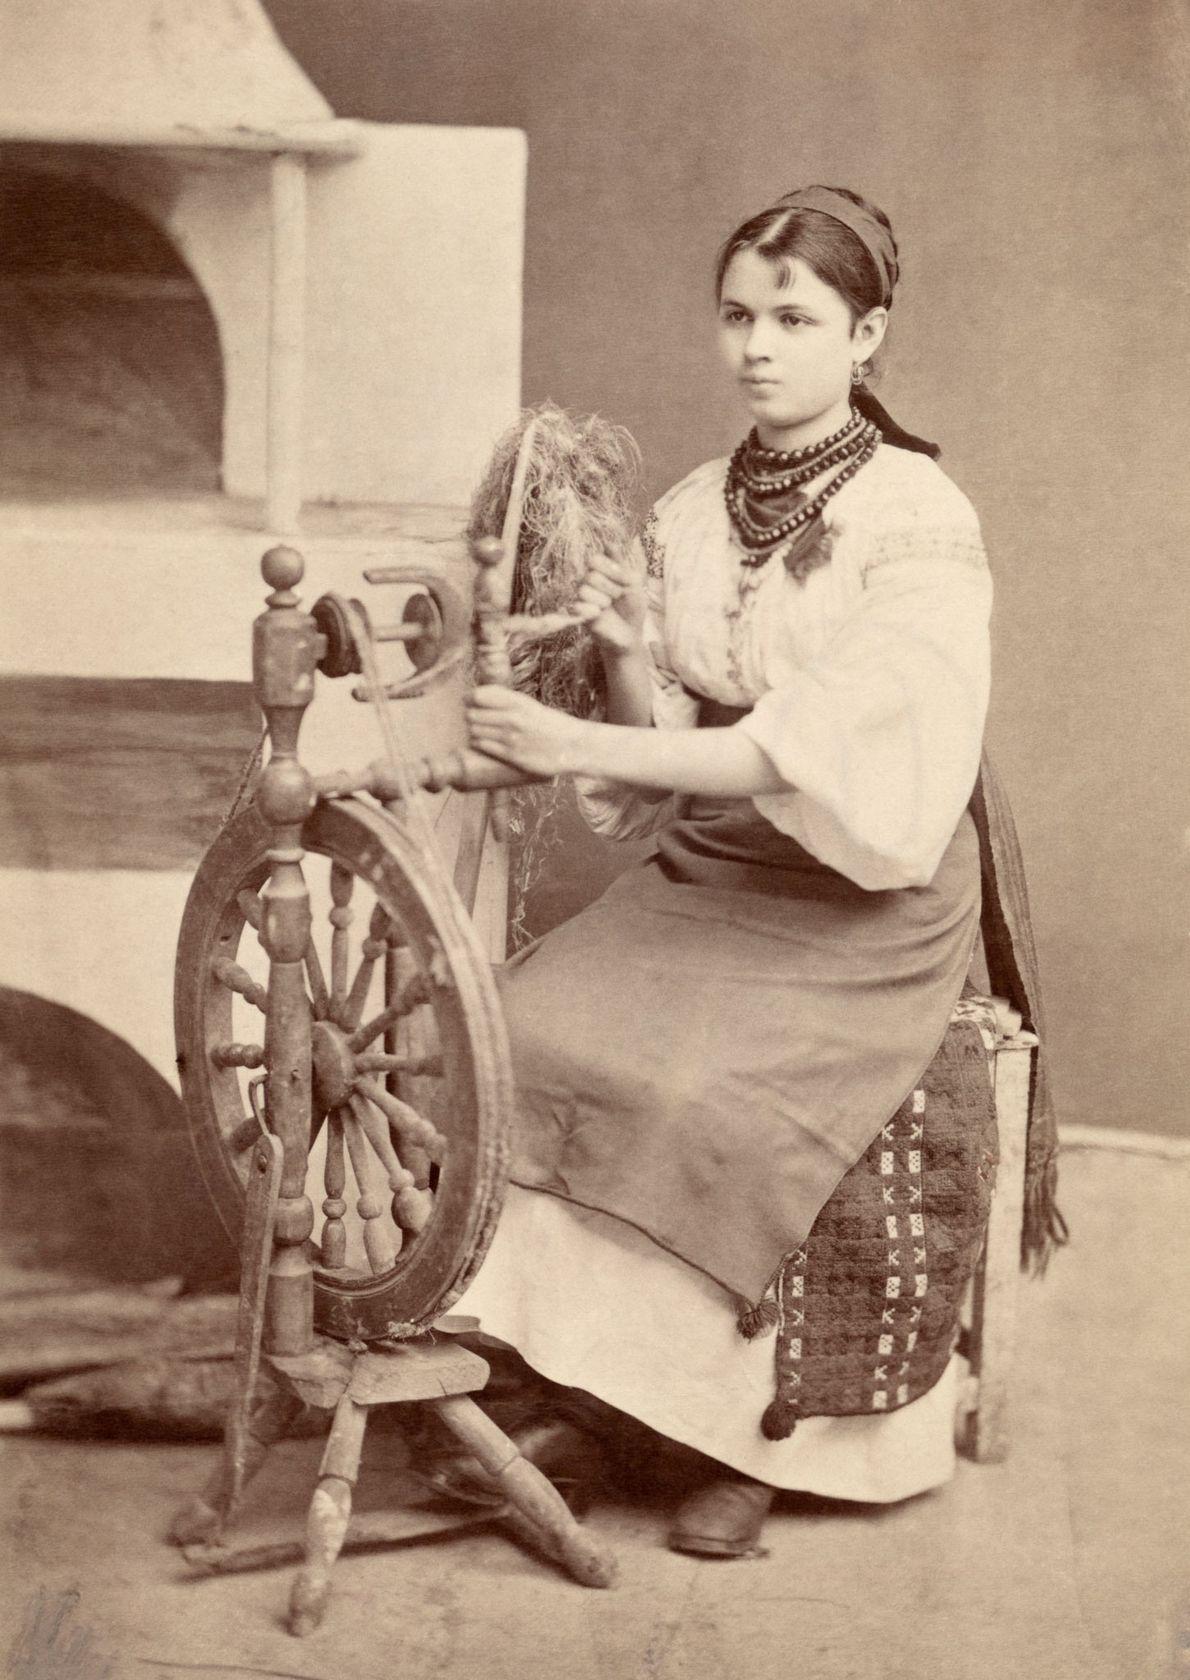 Una mujer ucraniana con vestimenta tradicional trabaja en una rueca en 1918.